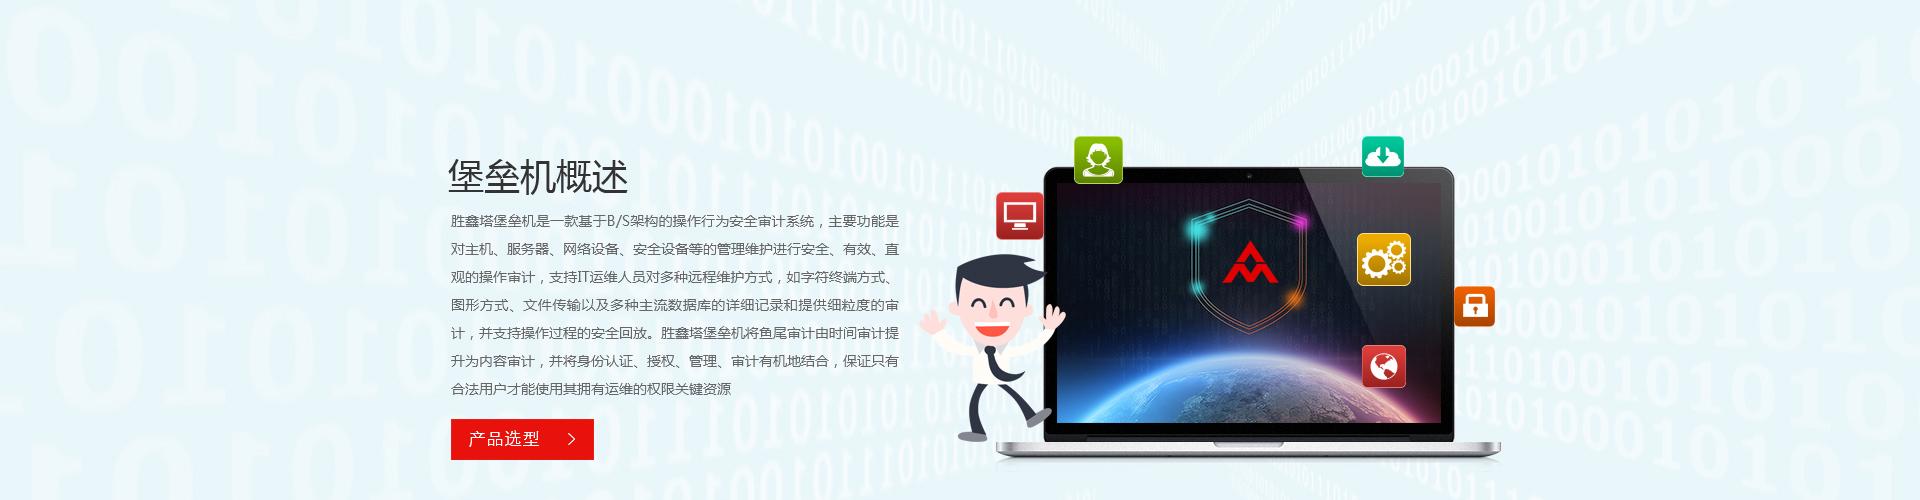 政府行业统一安全管理审计系统解决方案